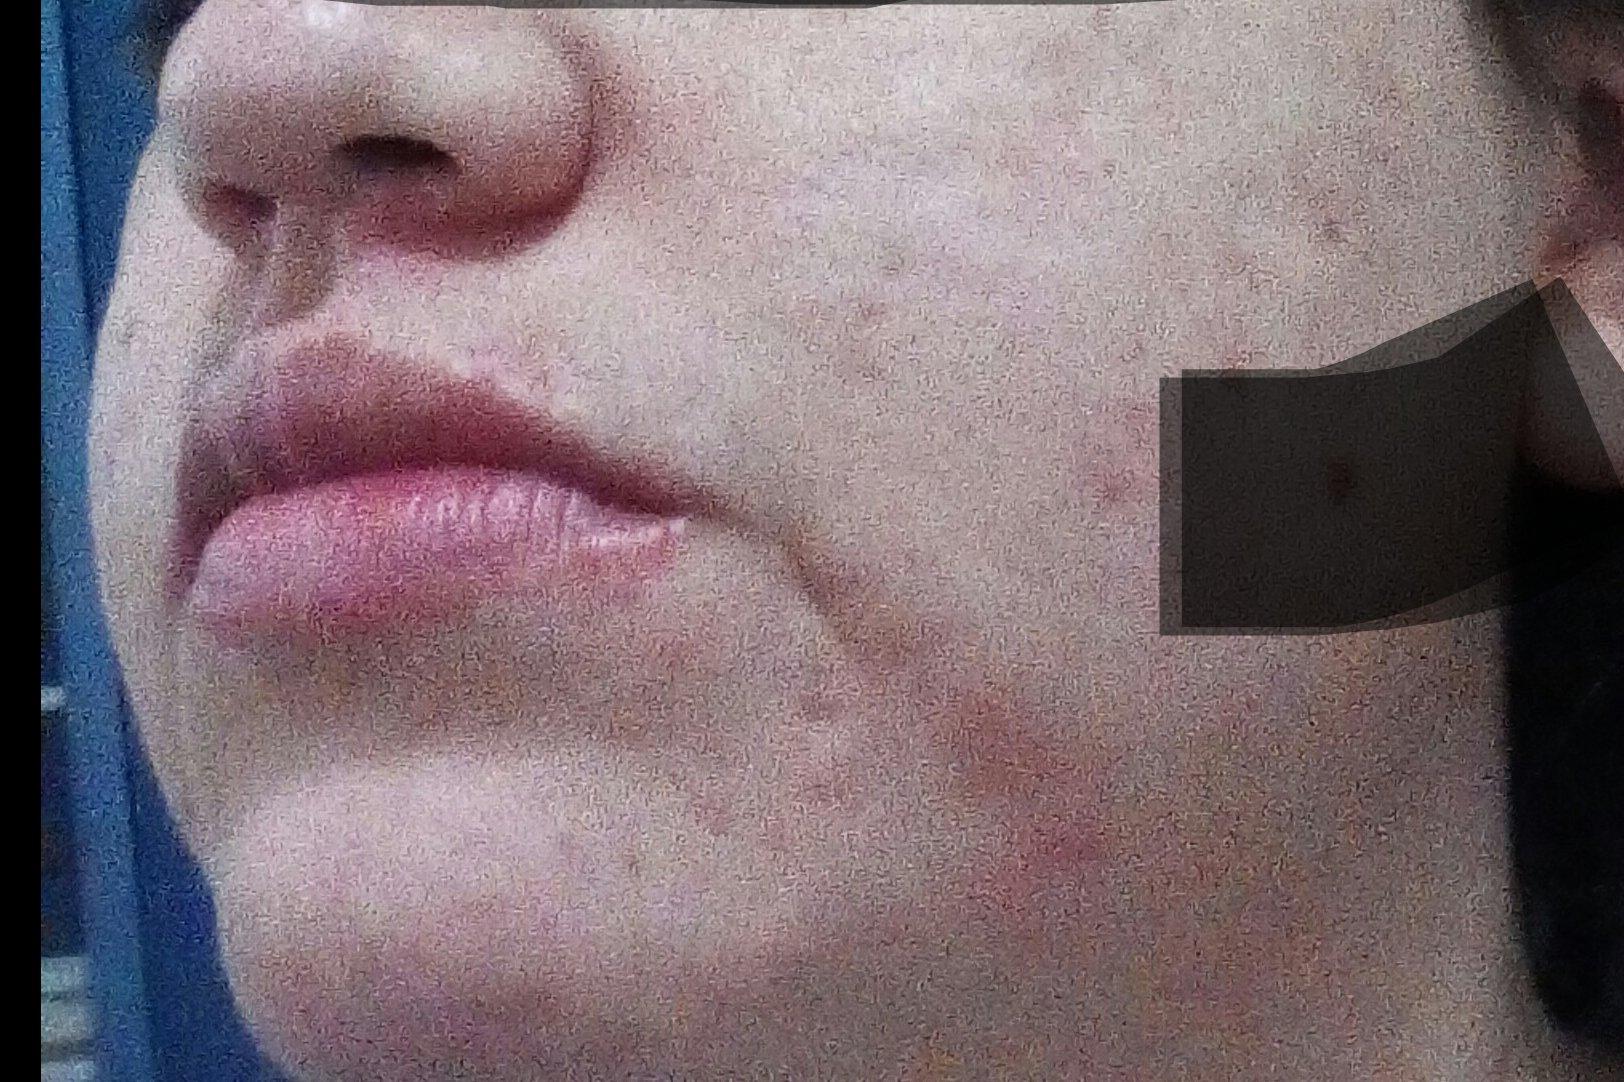 Crema humectante para persona de 26 años con piel delicada al sol y mixta - 6053